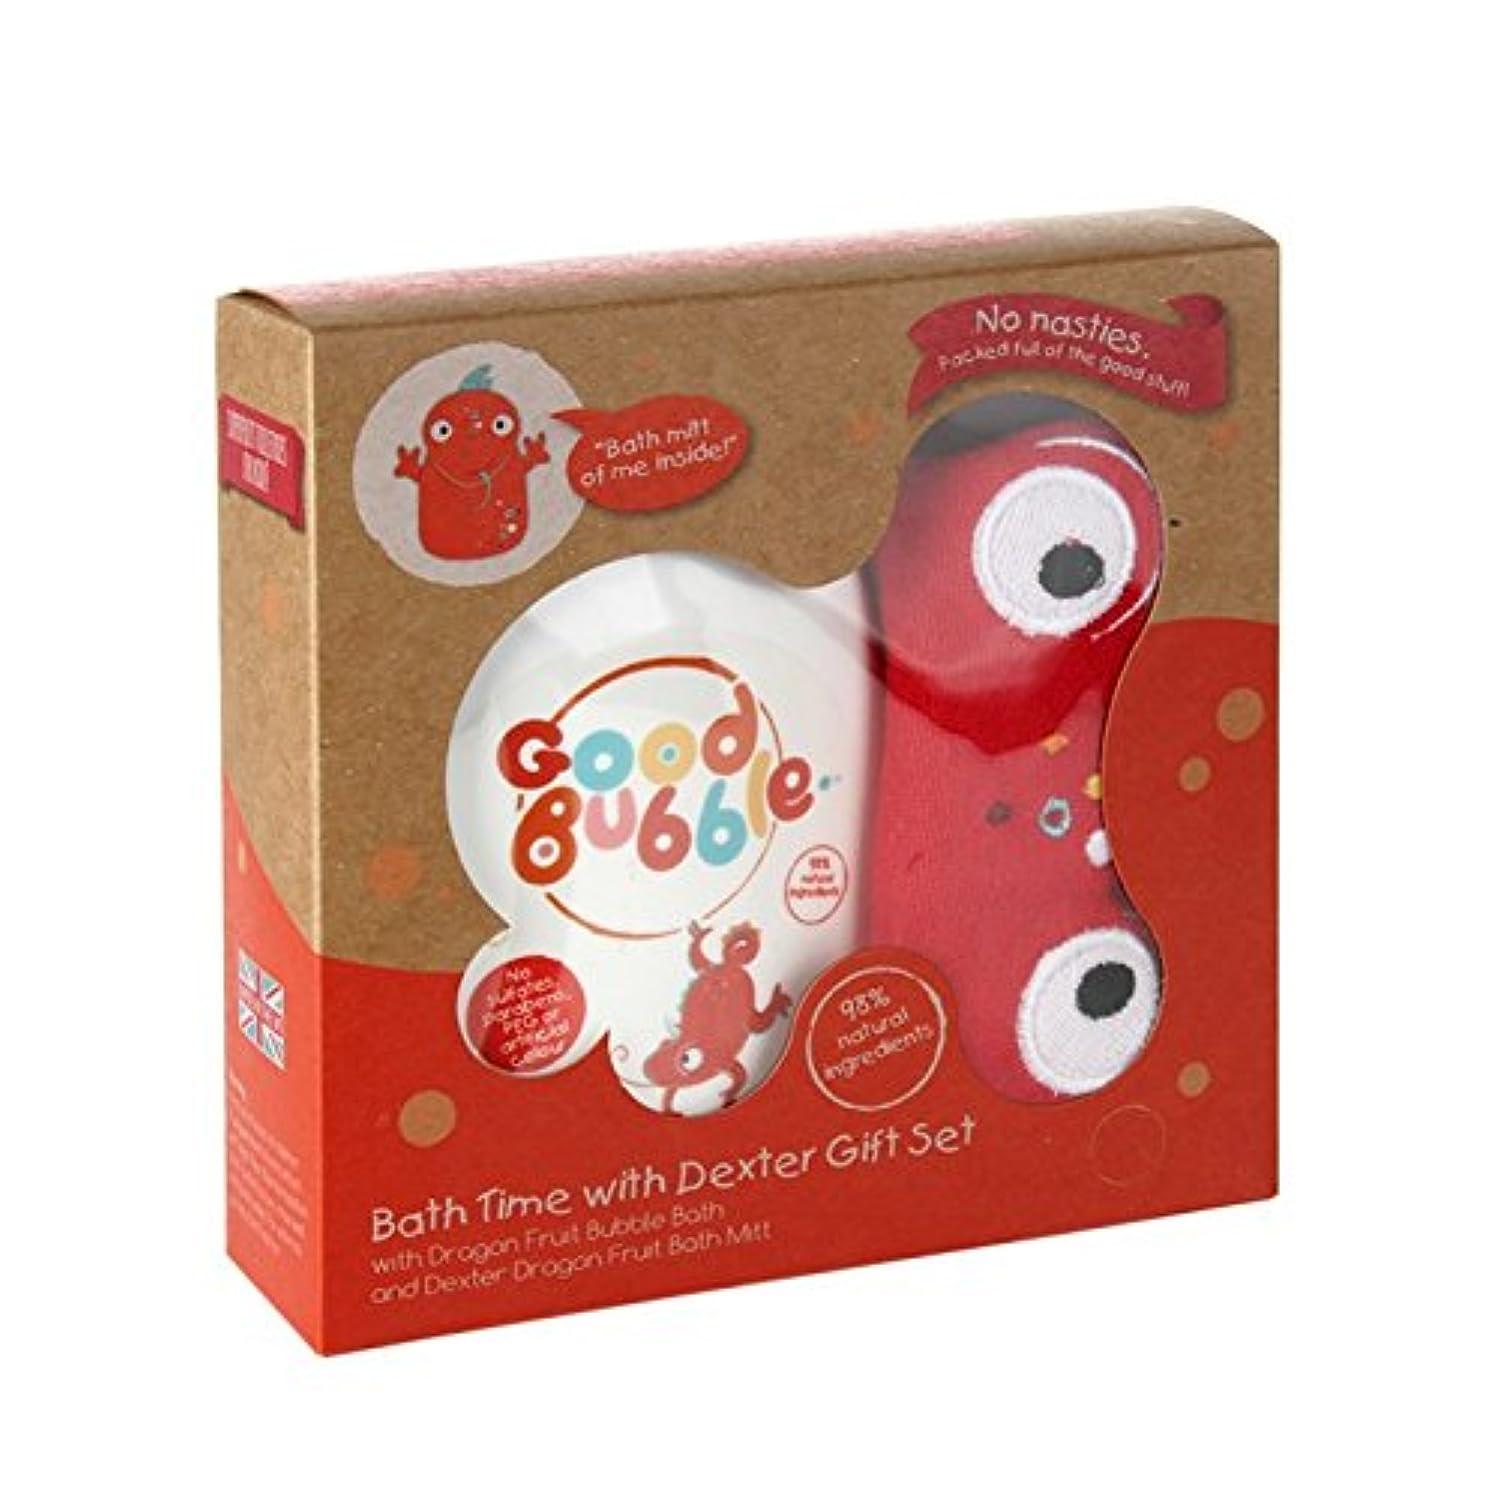 爆風不測の事態仮定Good Bubble Dexter Dragonfruit Gift Set 550g (Pack of 2) - 良いバブルデクスターDragonfruitギフトセット550グラム (x2) [並行輸入品]